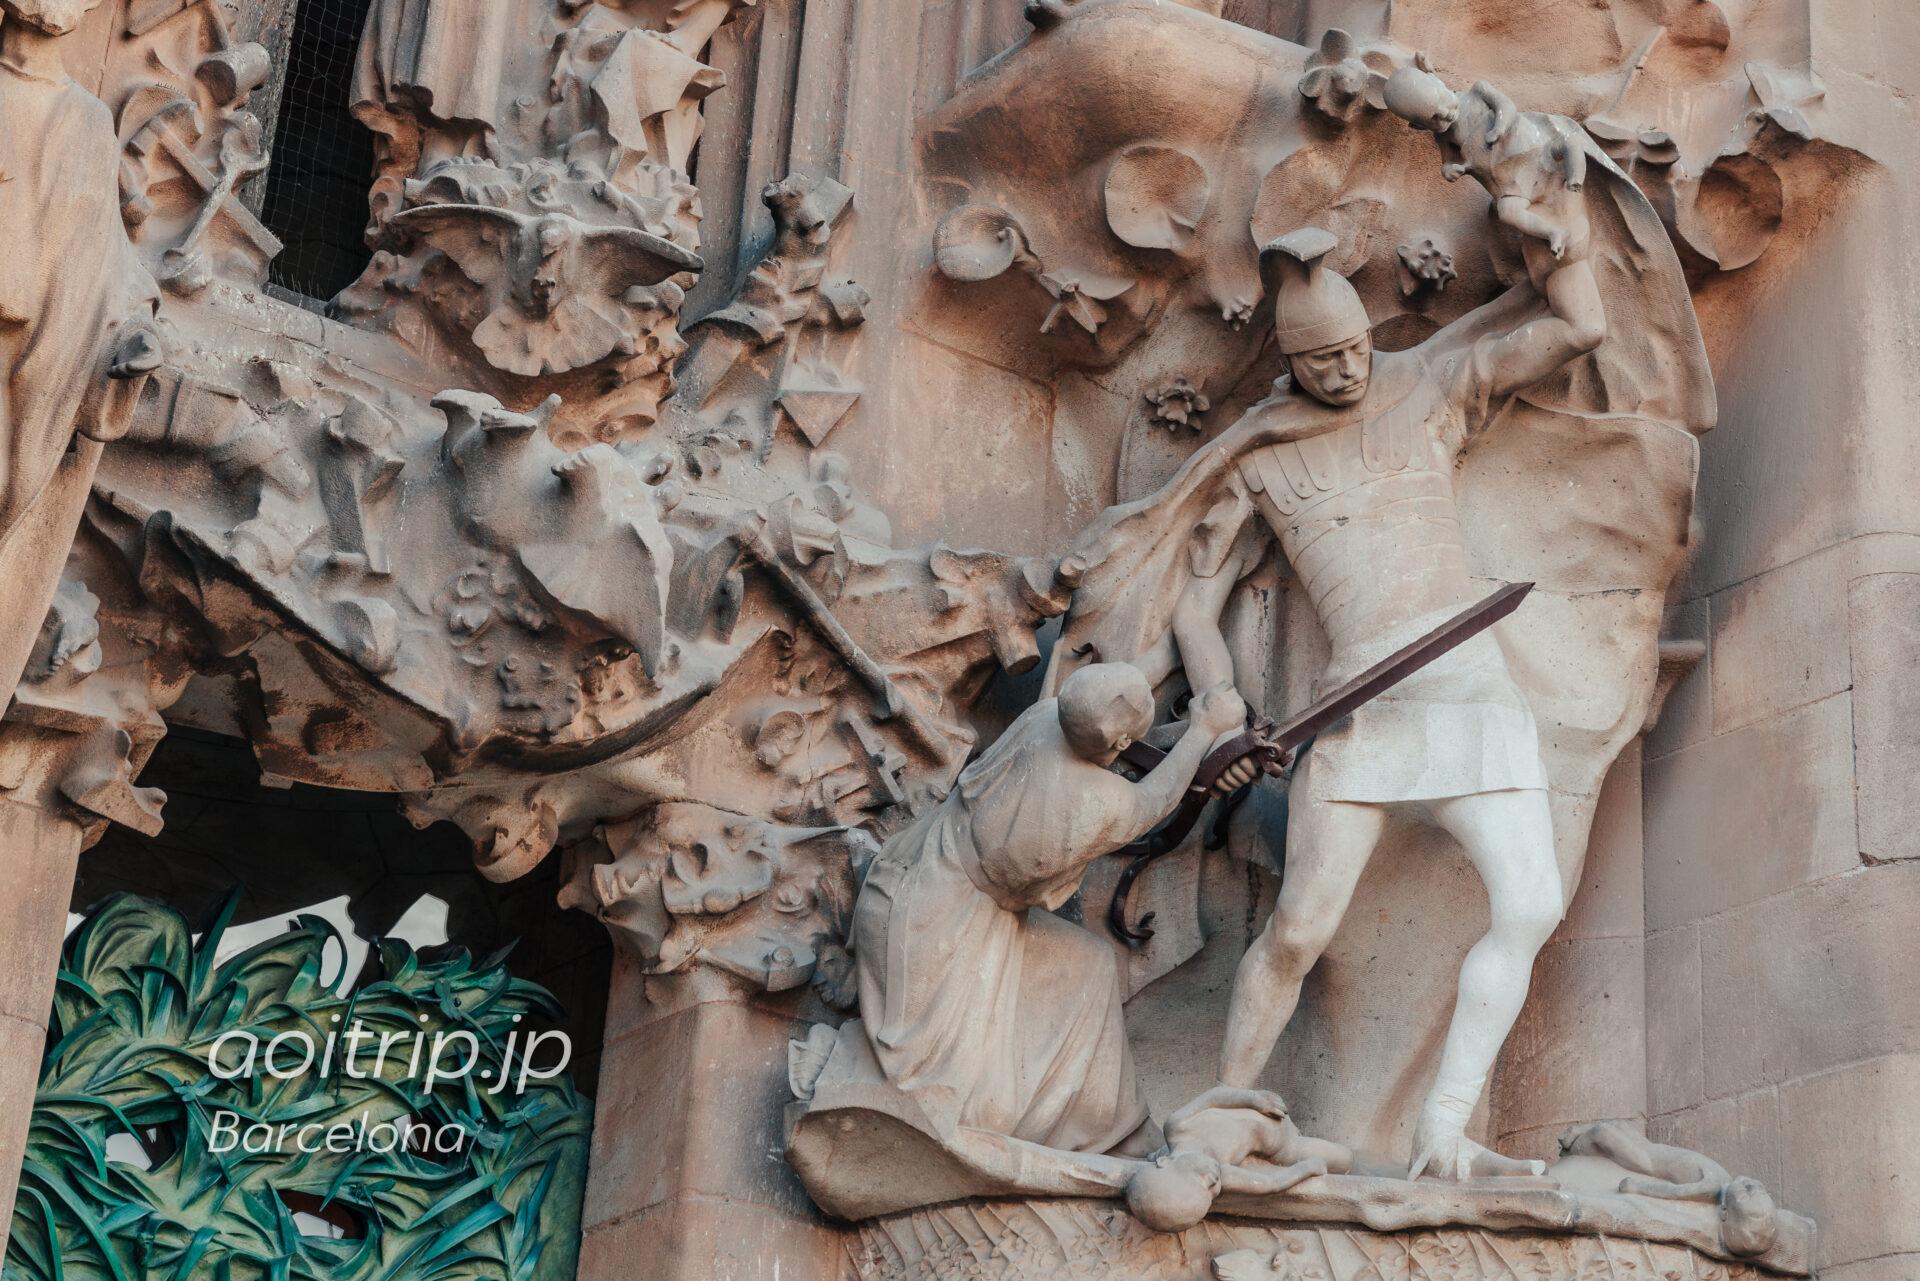 Basílica de la Sagrada Família(Façana del Naixement, The massacre of the Innocents)